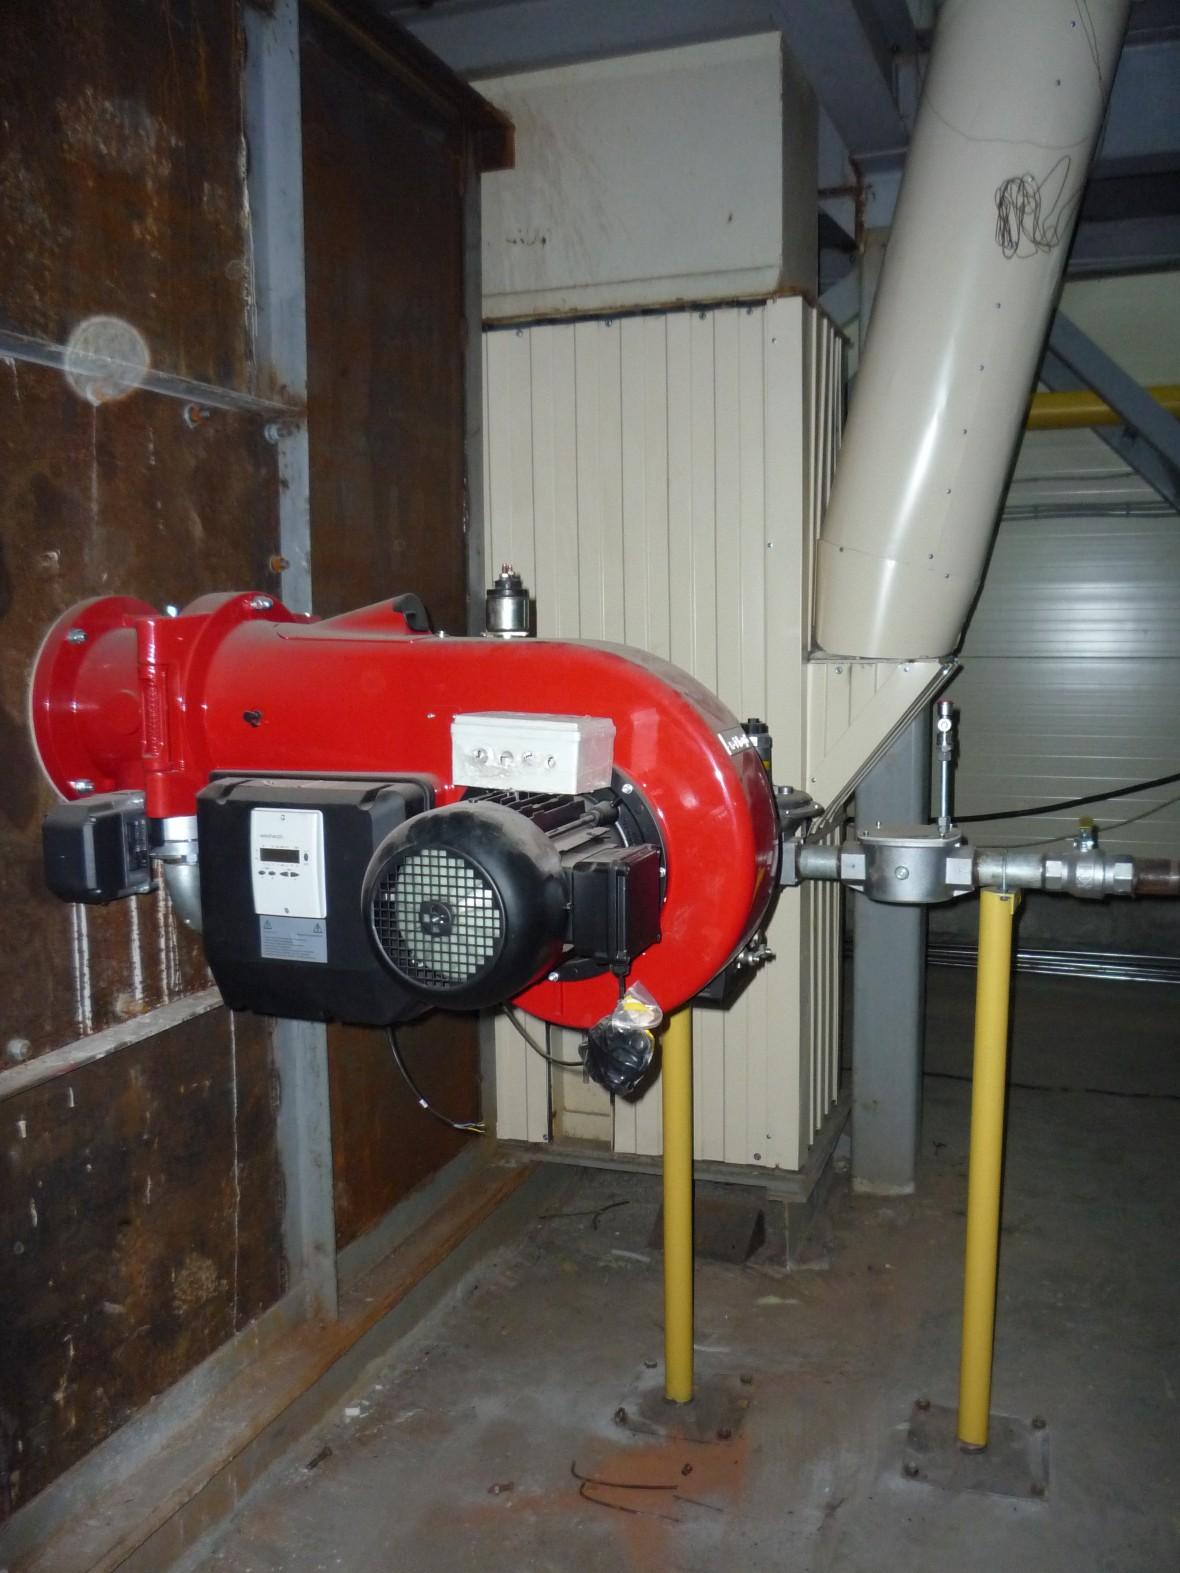 Сжигание газообразного топлива в автоматизированной горелке